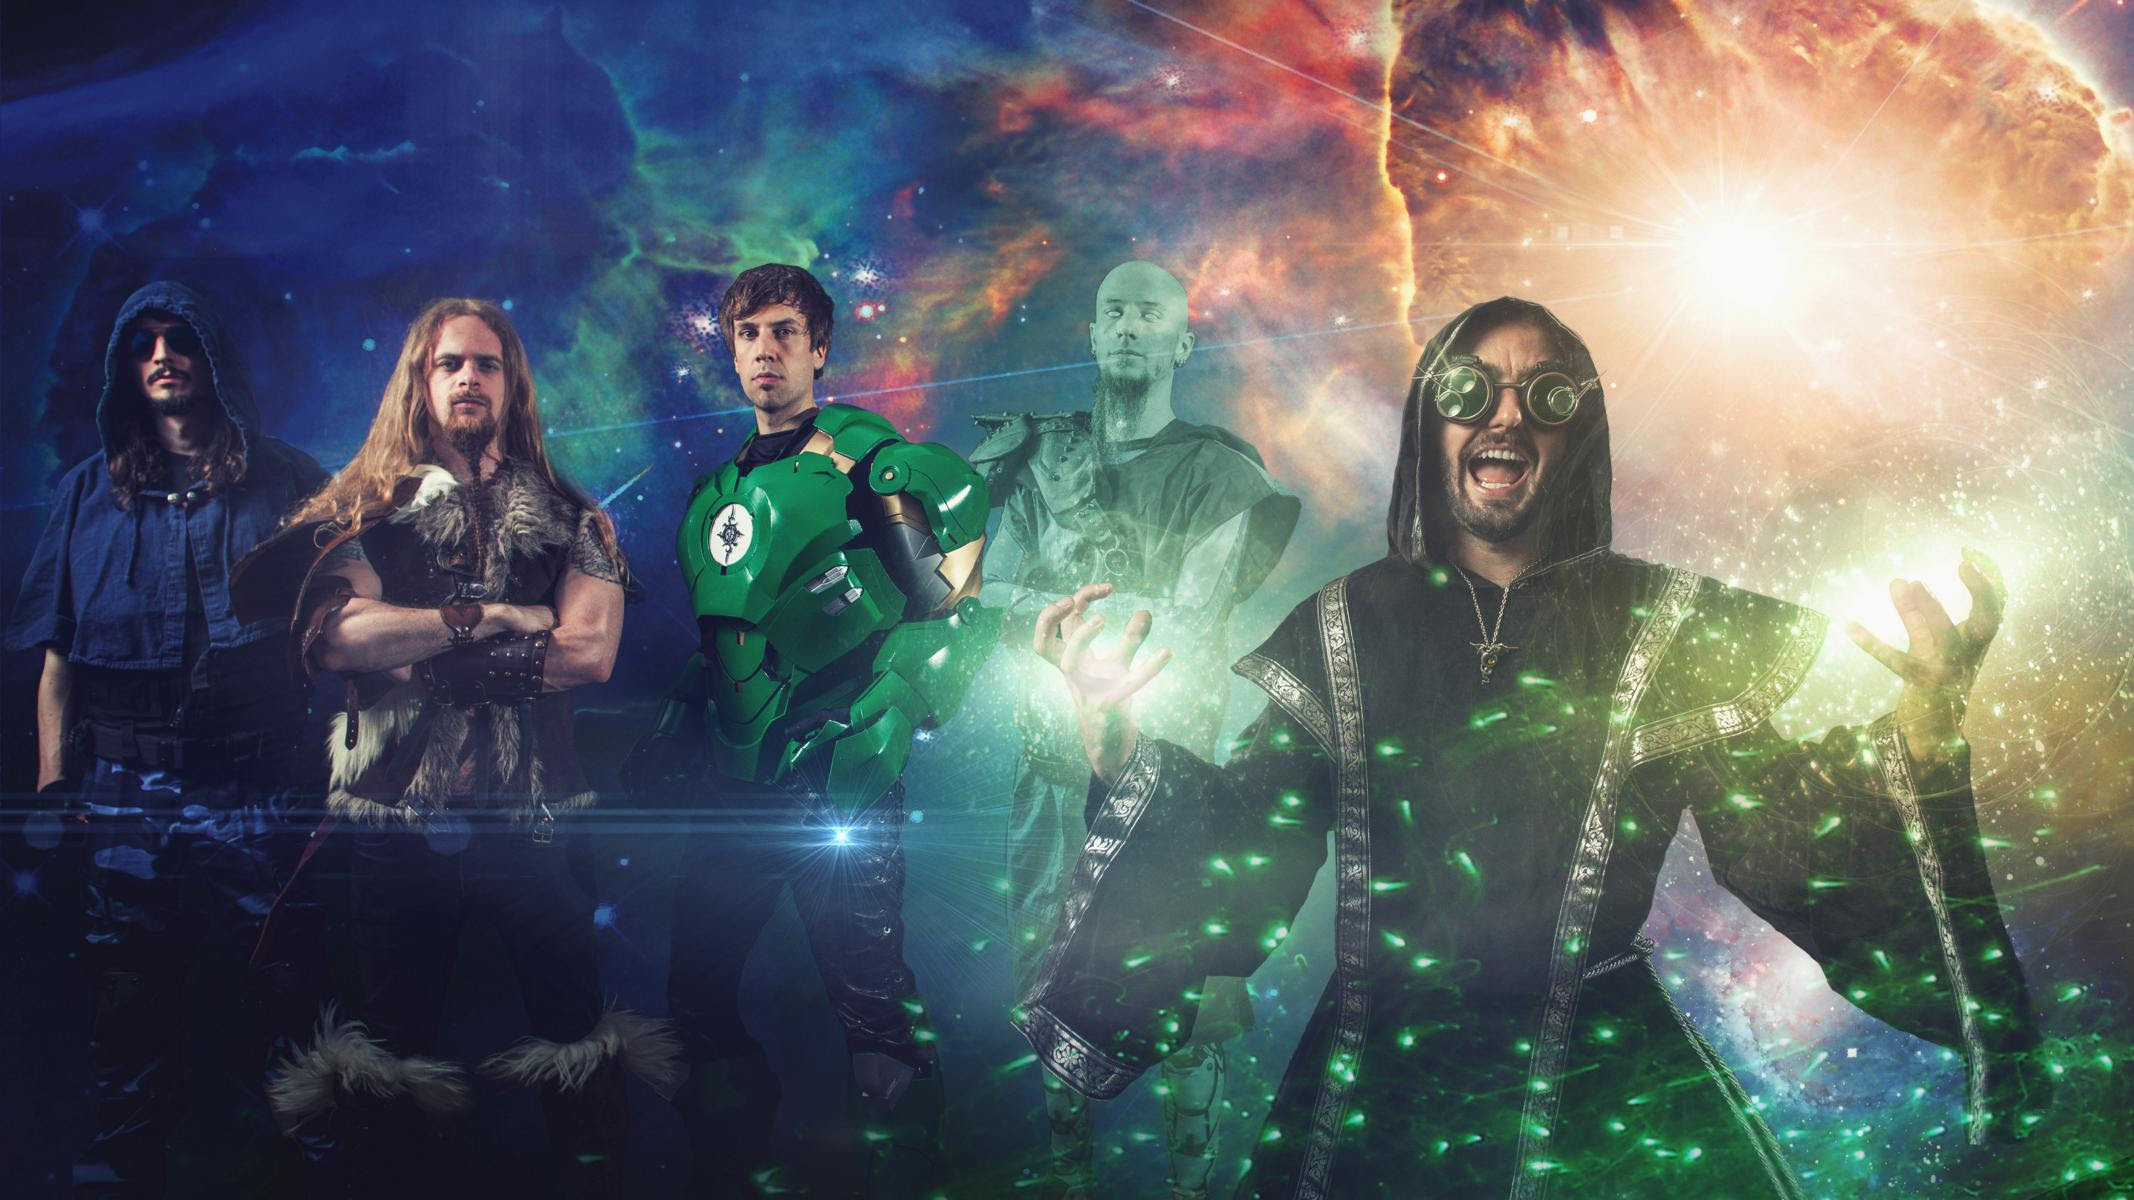 """Gloryhammer julkaisi sankarillisuutta tihkuvan uuden musiikkivideon kappaleelleen """"Gloryhammer"""""""